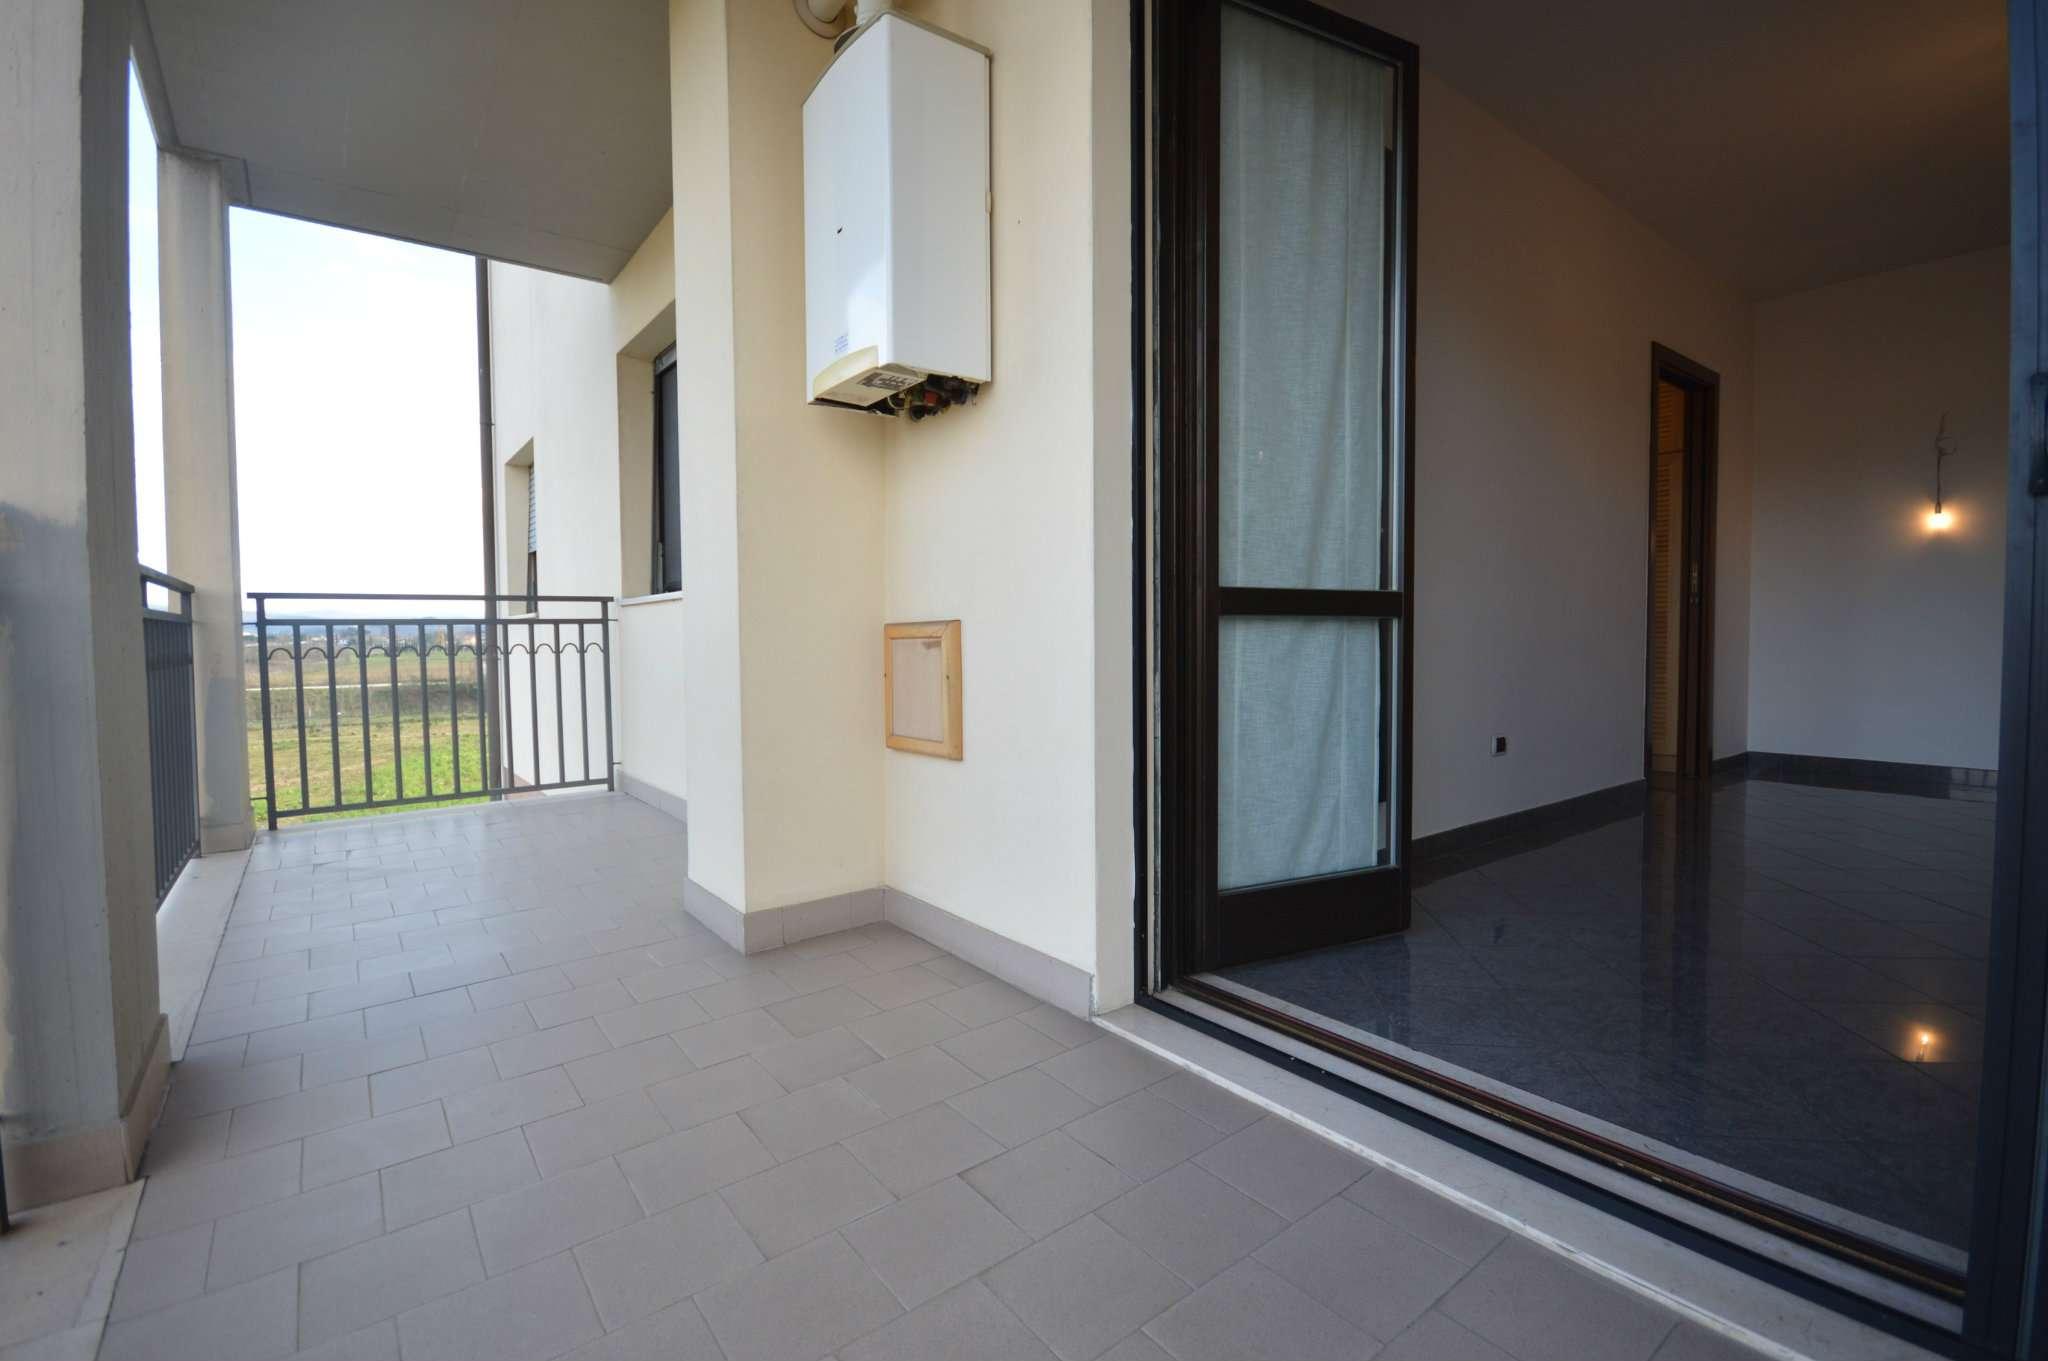 Appartamento in vendita a Montevarchi, 2 locali, prezzo € 85.000 | Cambio Casa.it